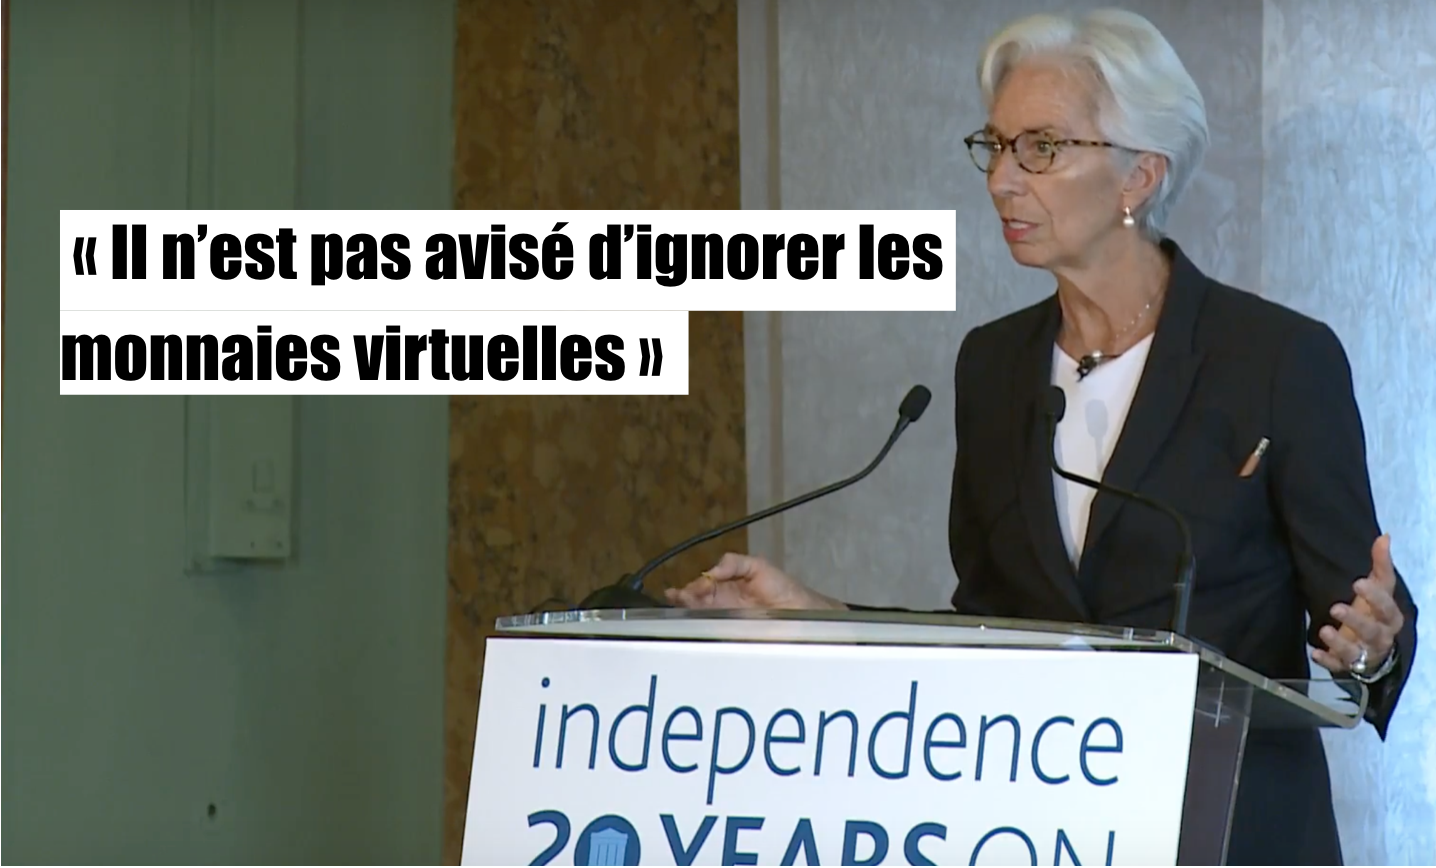 L'avenir des monnaies nationales menacé : la déclaration fracassante de Christine Lagarde